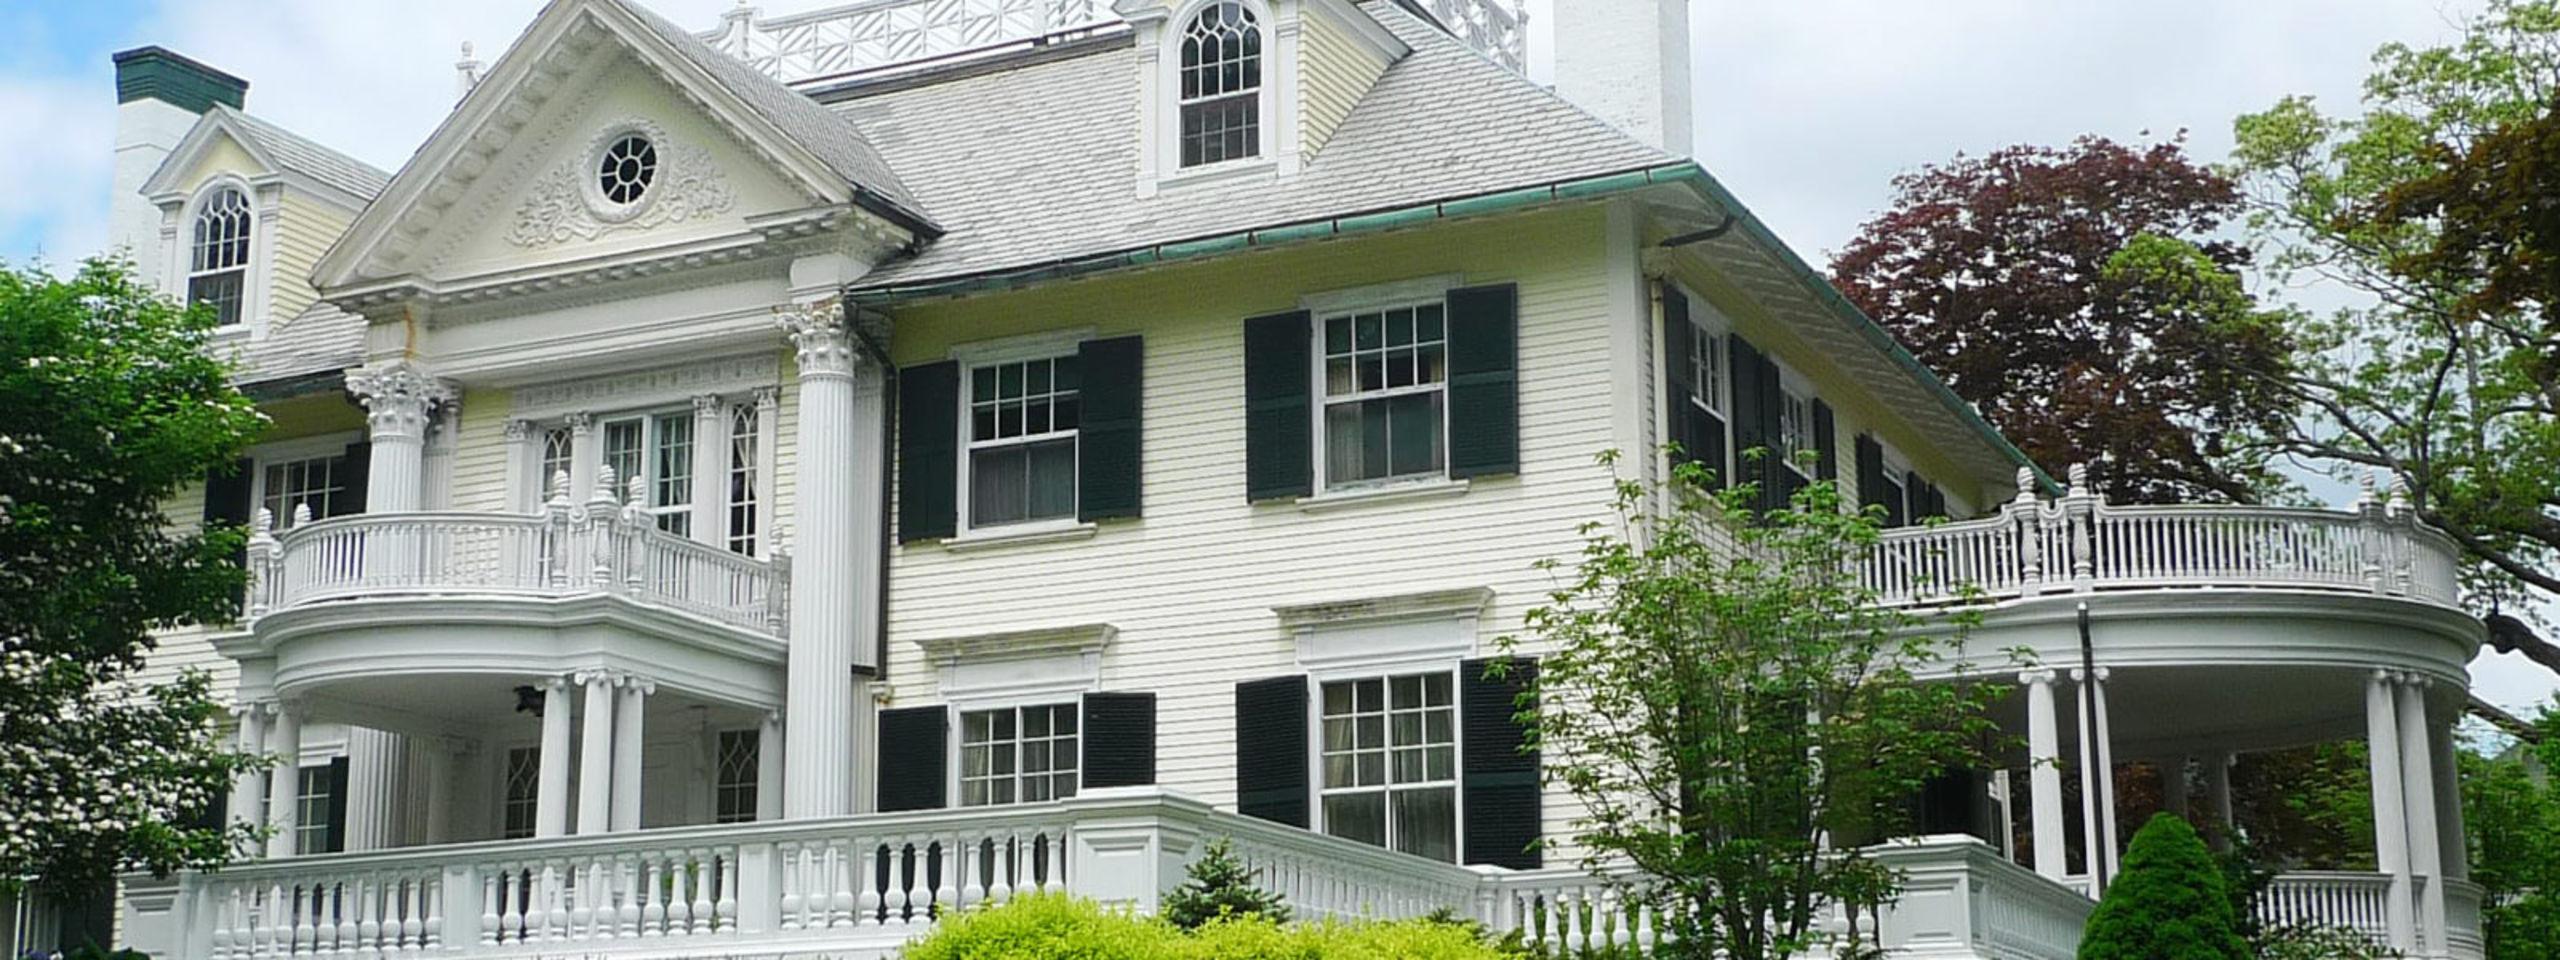 Historic beauties grace several inner loop nieghborhoods